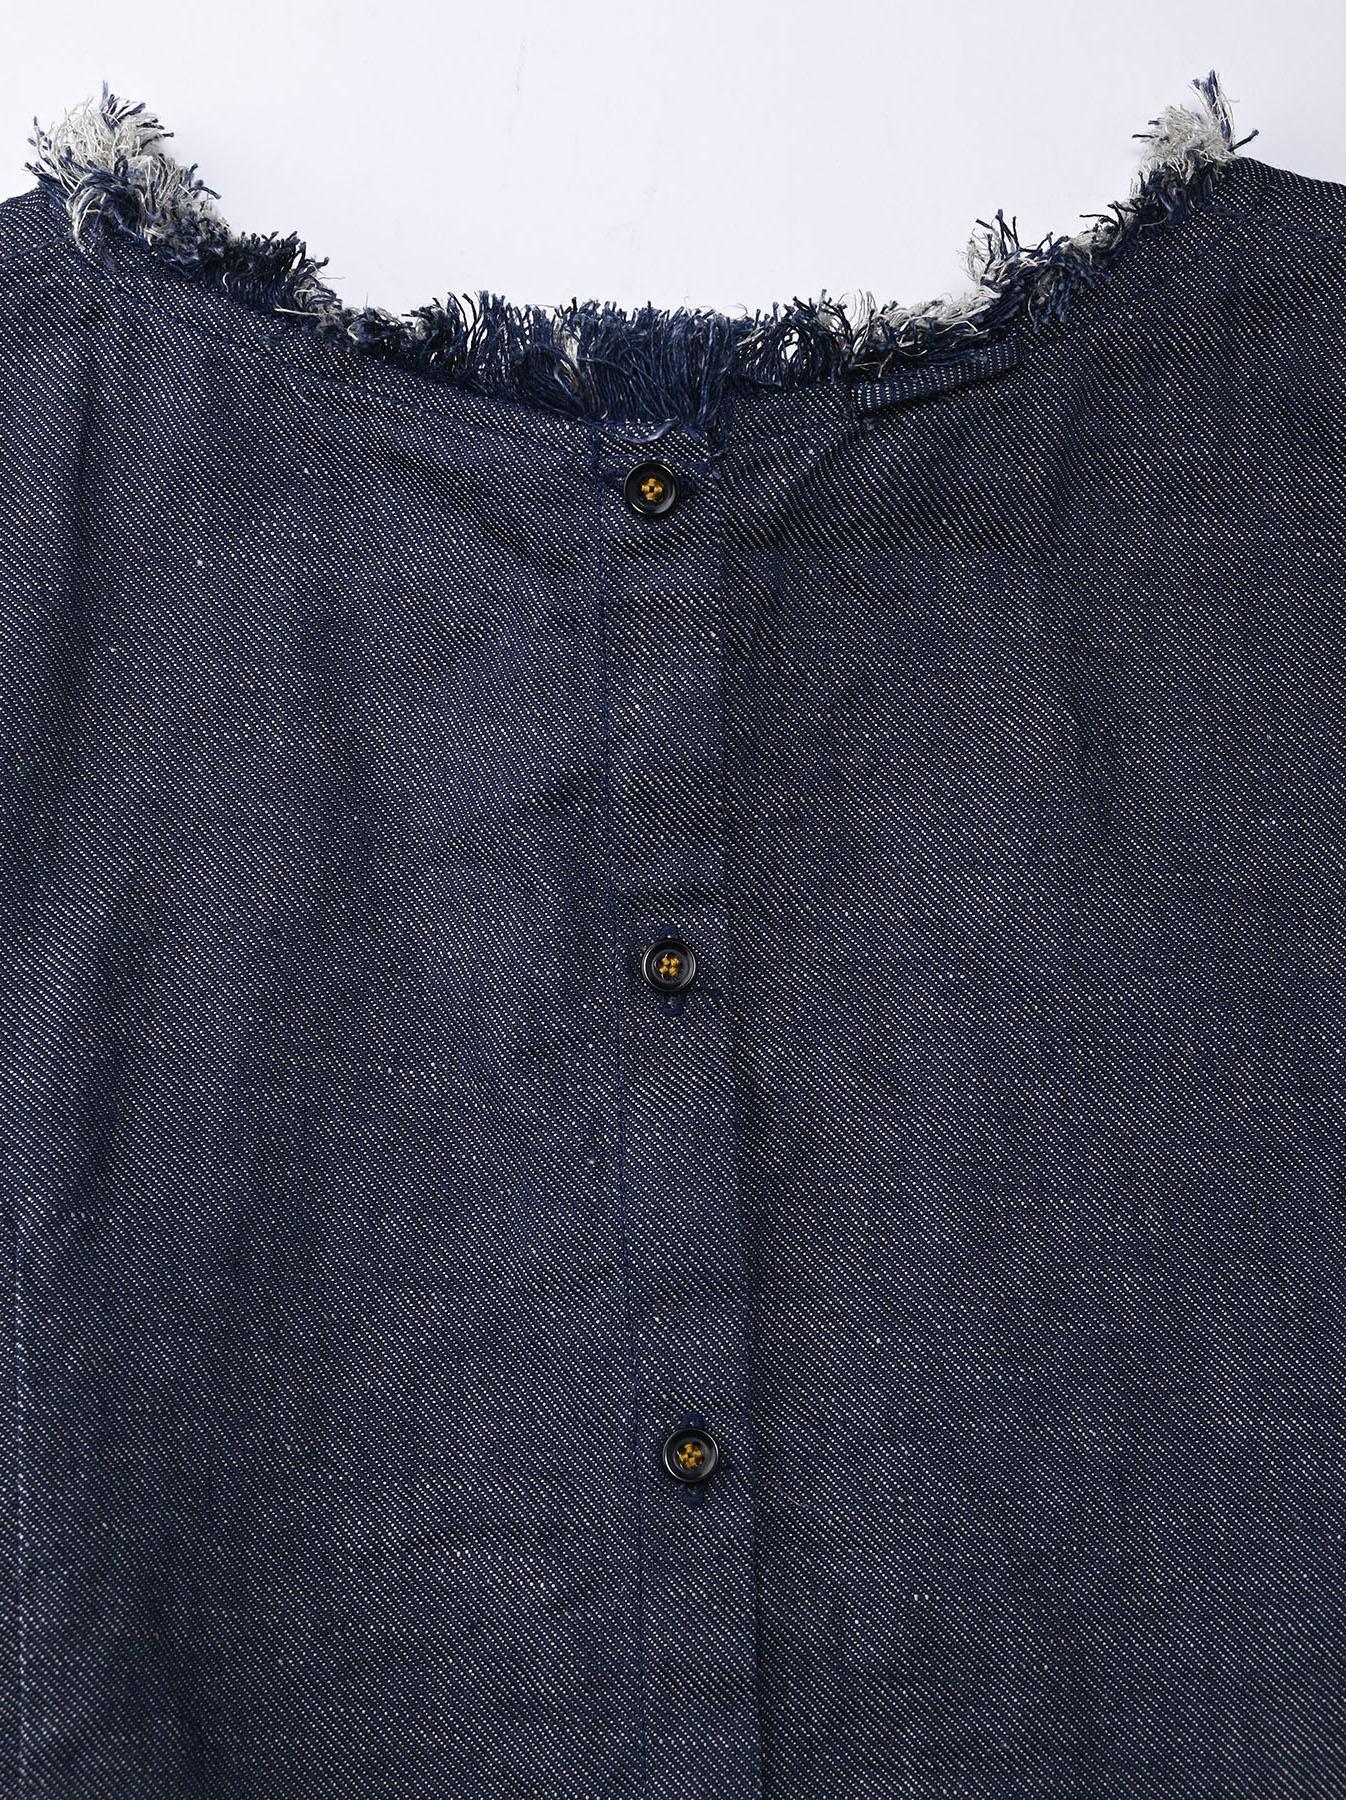 Indigo Cotton Linen Zakkuri Denim Blouse (0521)-9